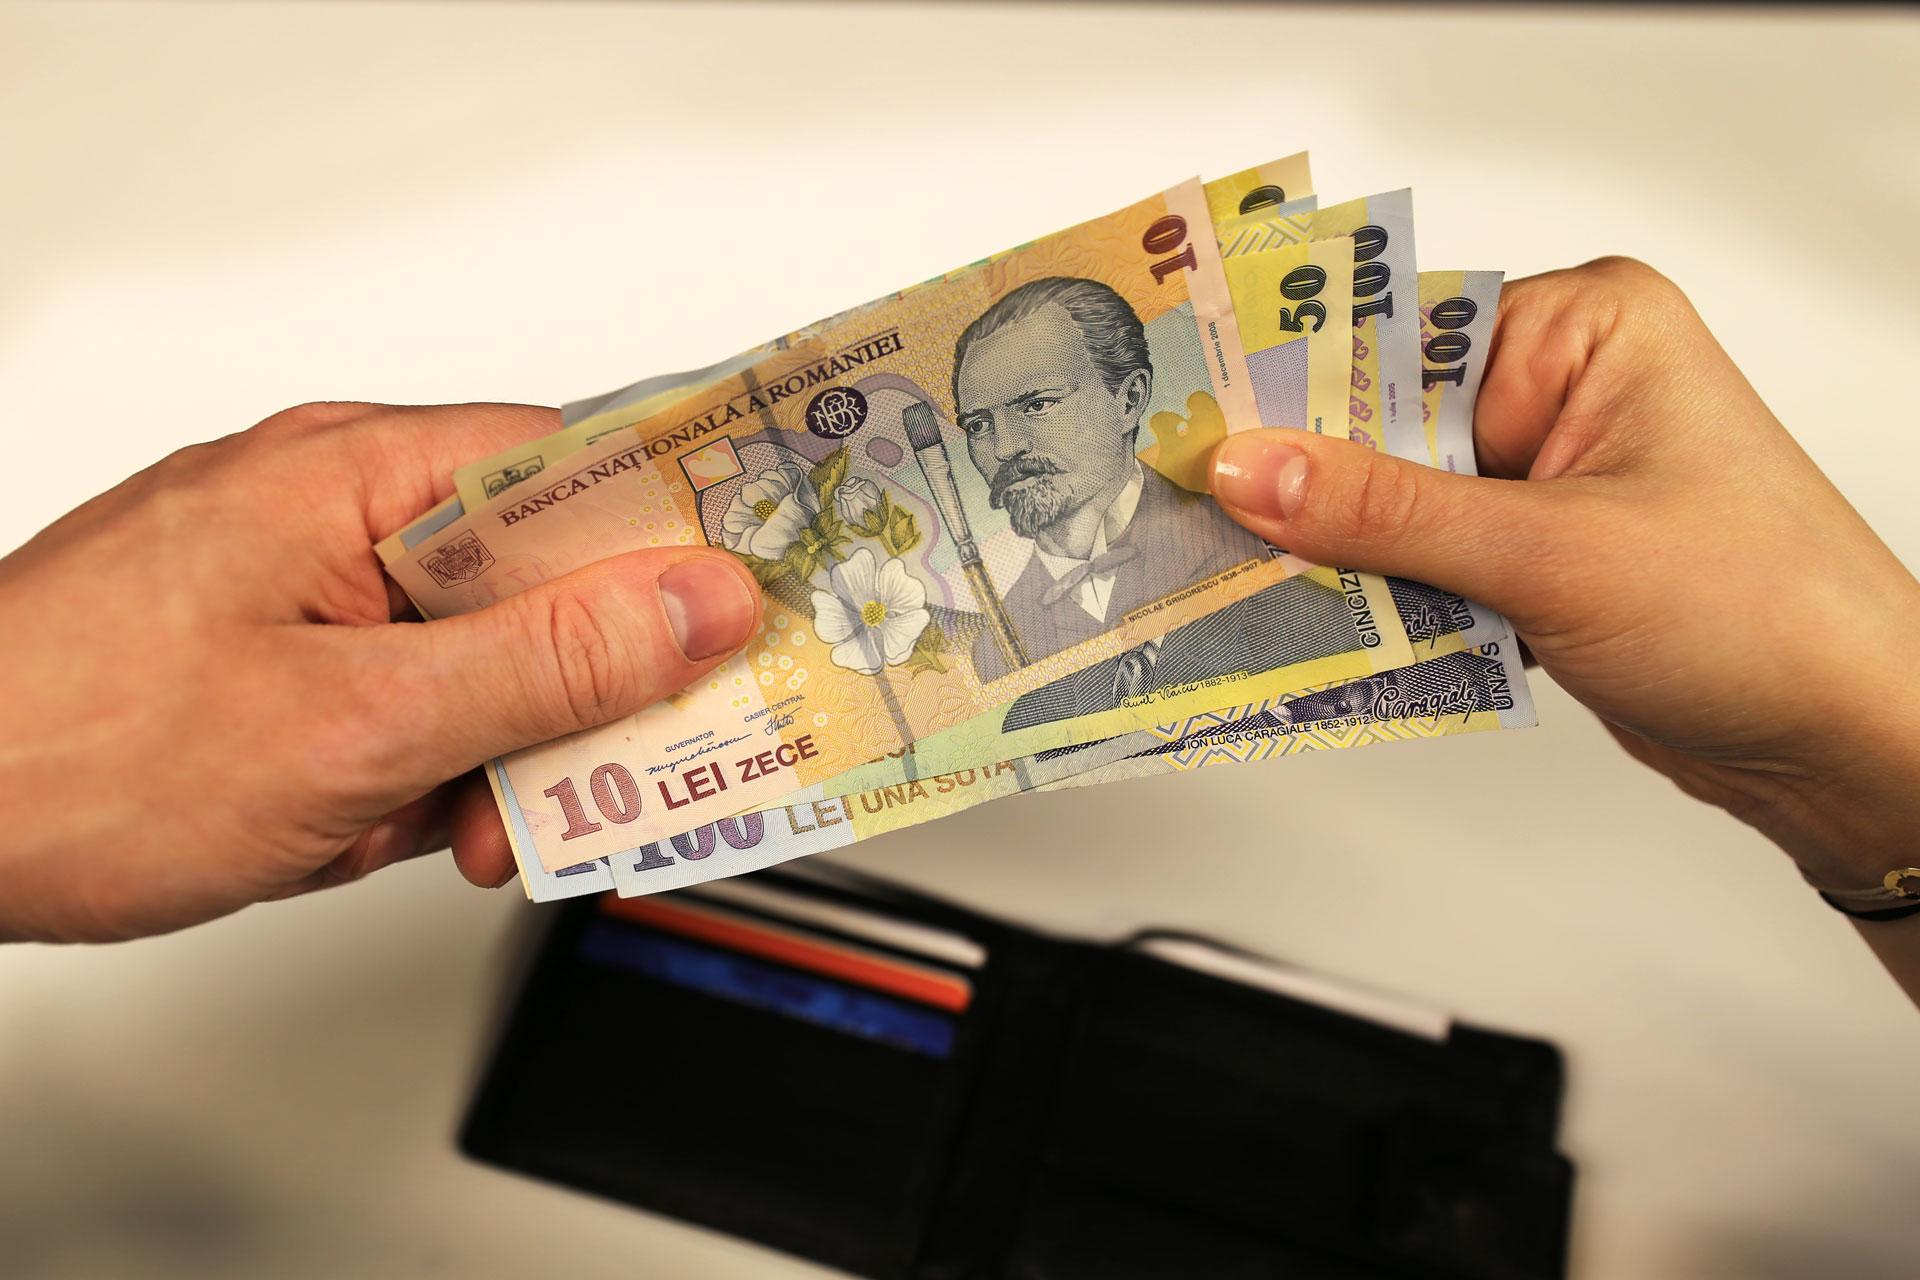 Finanțele în cuplu: banii mei sau banii noștri?